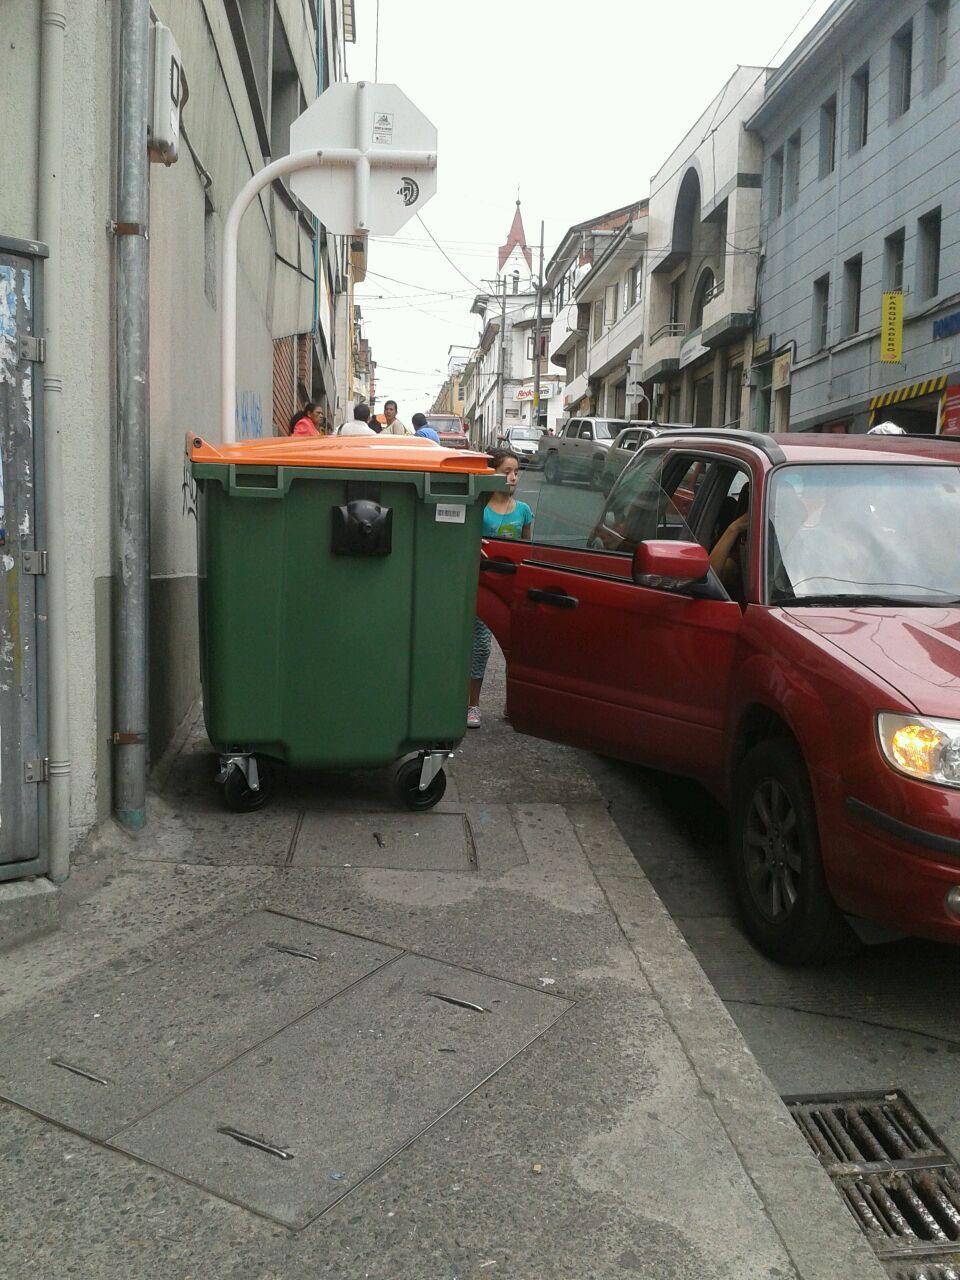 Cajon de la basura foto tres